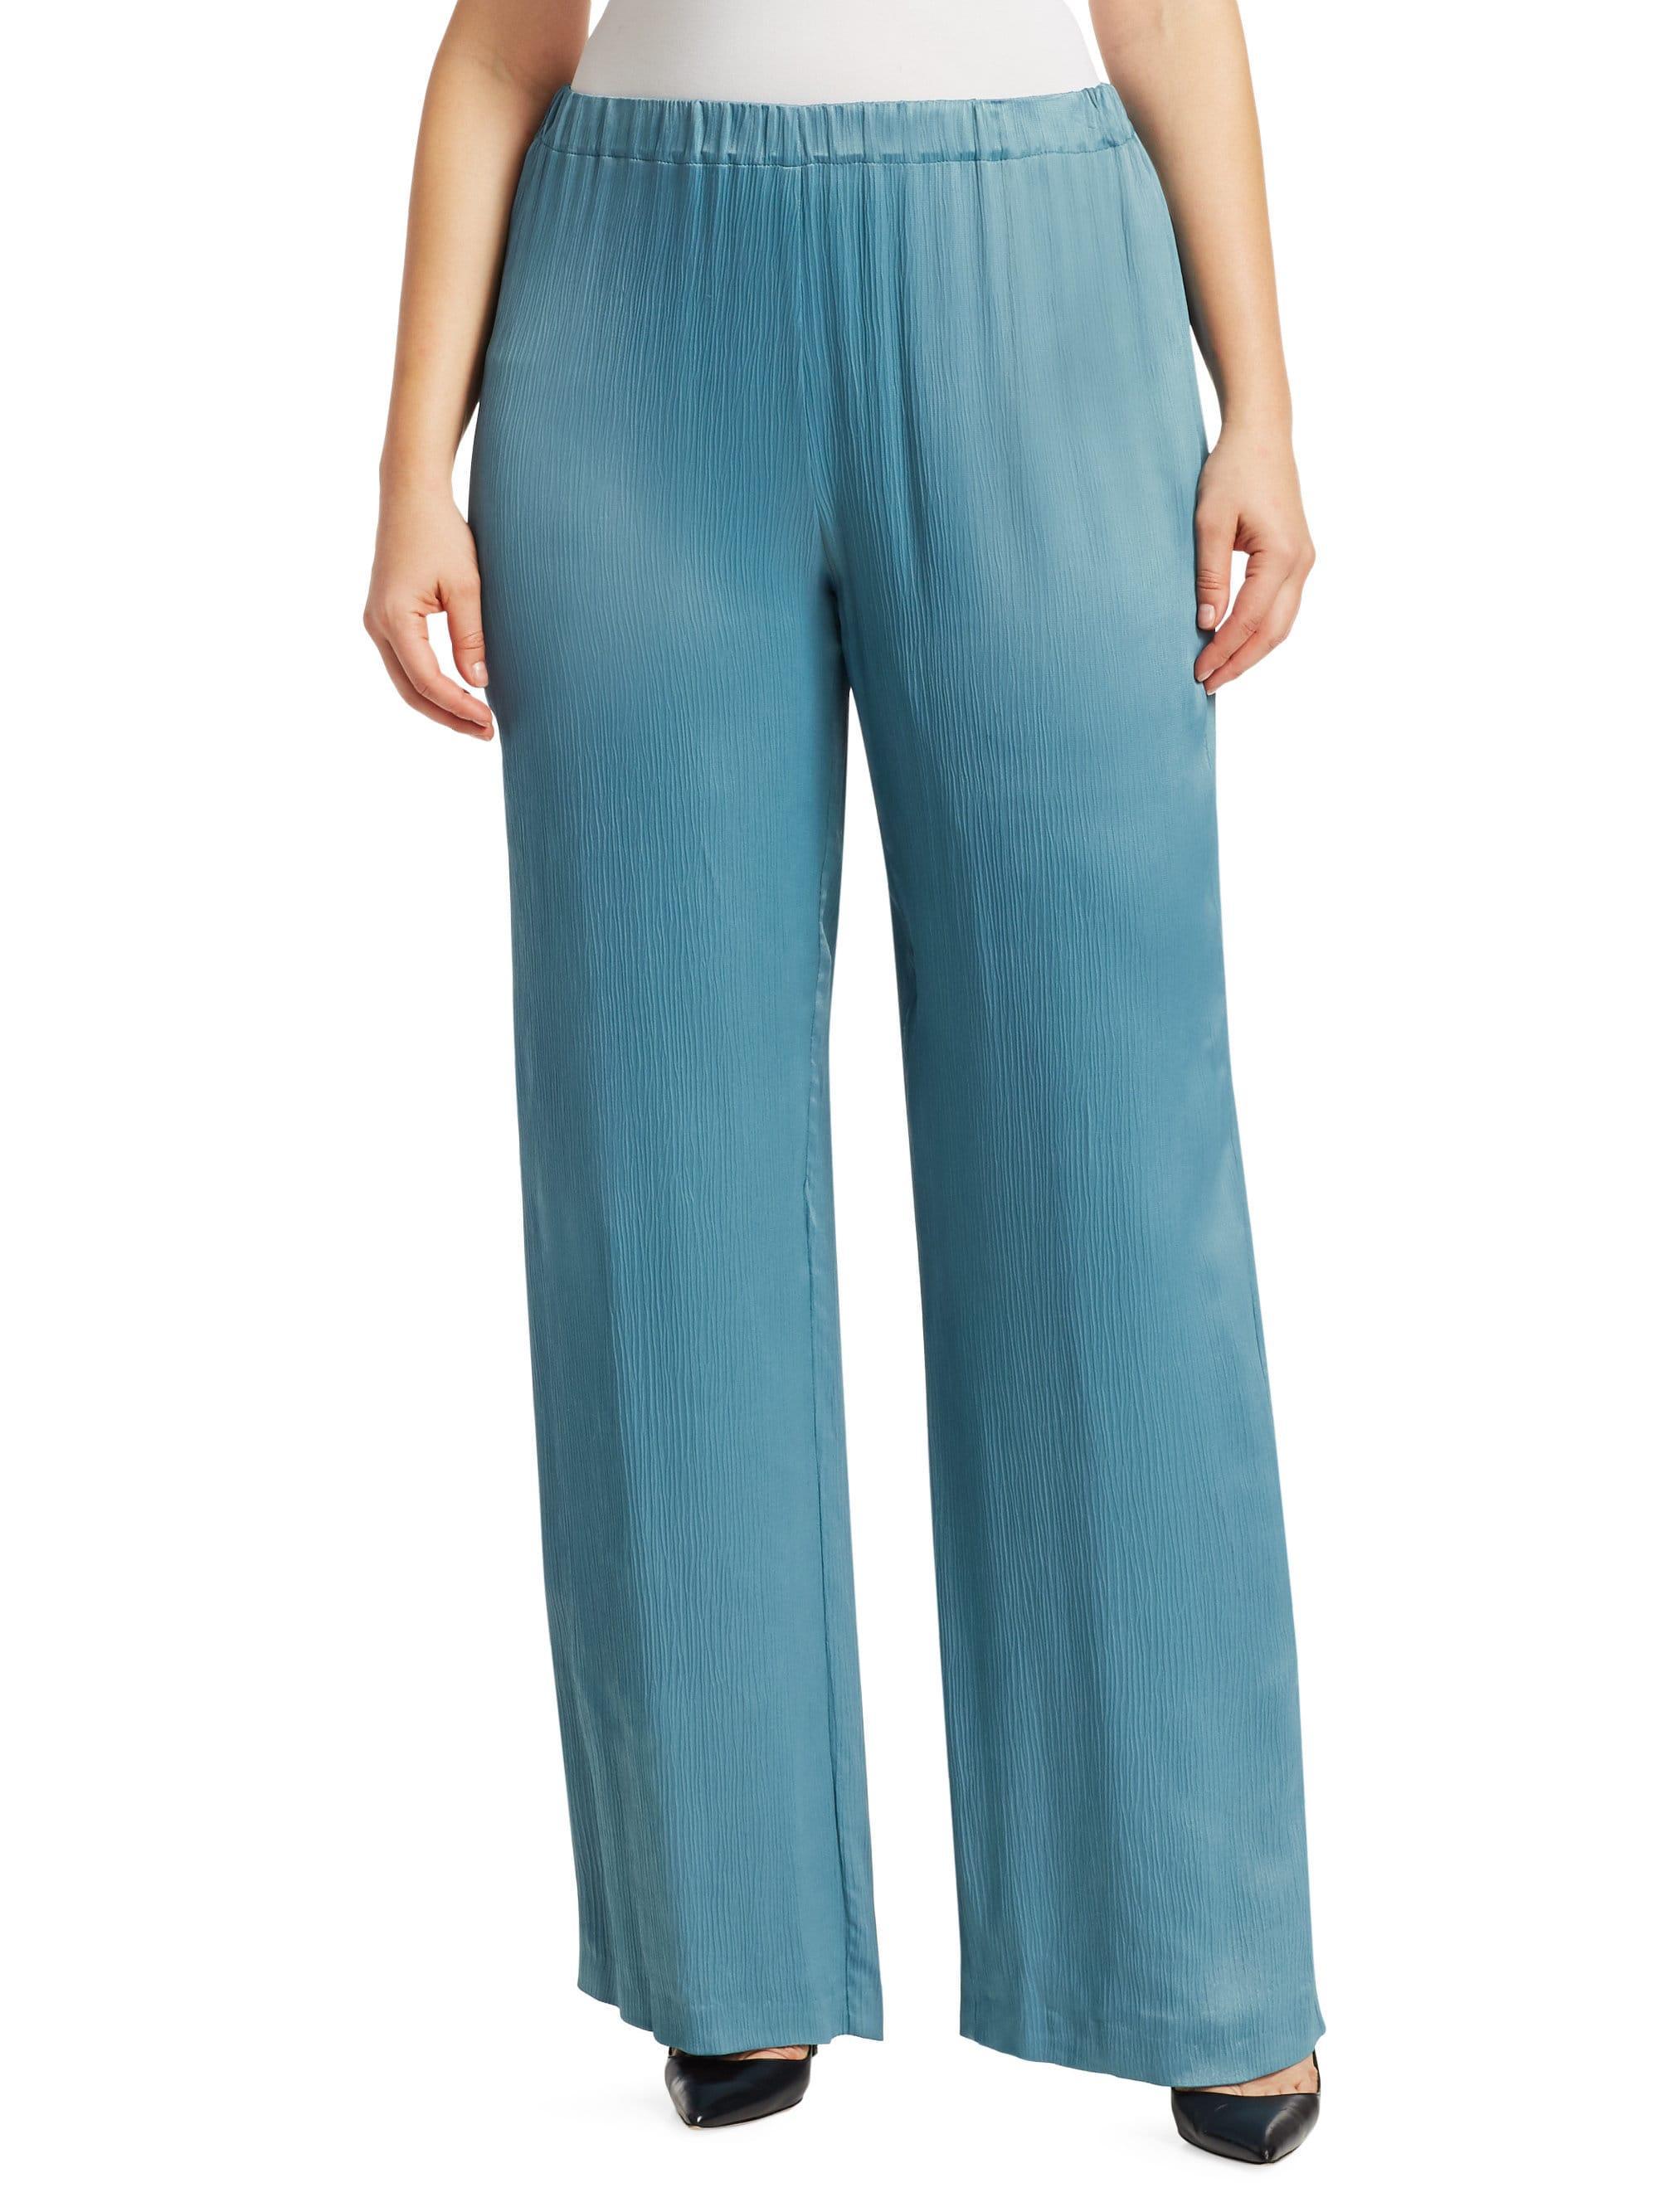 0fbb39014d1 Lyst - Marina Rinaldi Raul Straight-leg Pull-on Pants Plus Size in Blue